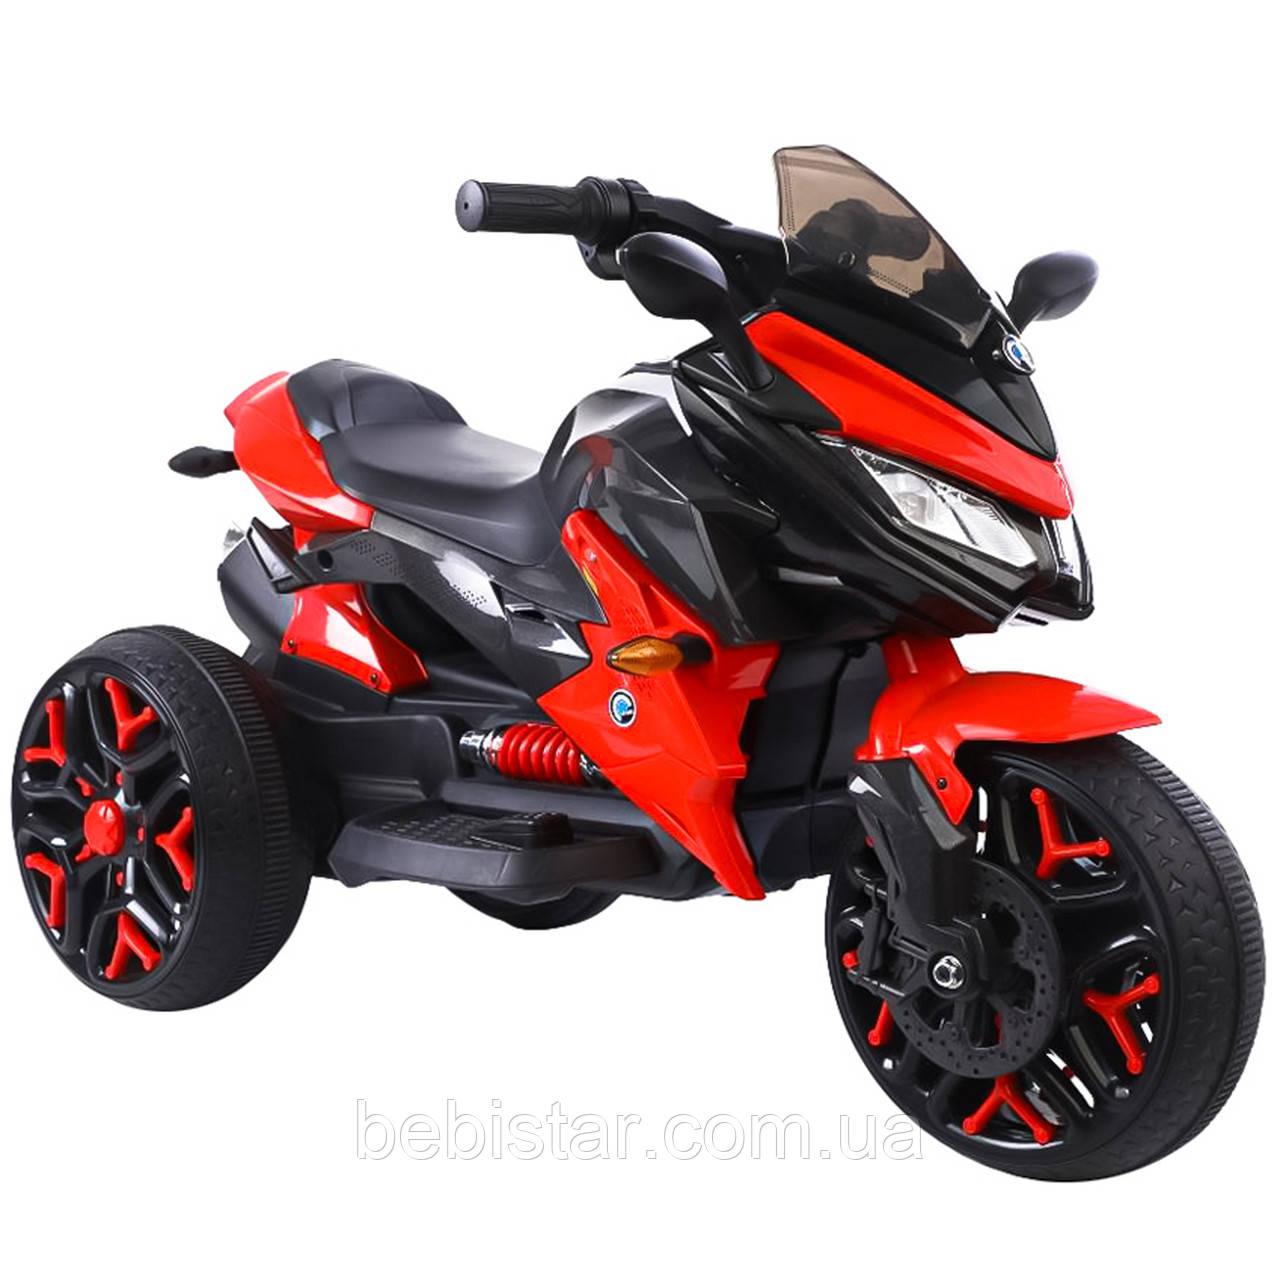 Электромобиль мотоцикл трехколесный красный с 2-мя моторами EVA колеса с MP3 размер 115х59х73см от 3 до 8 лет